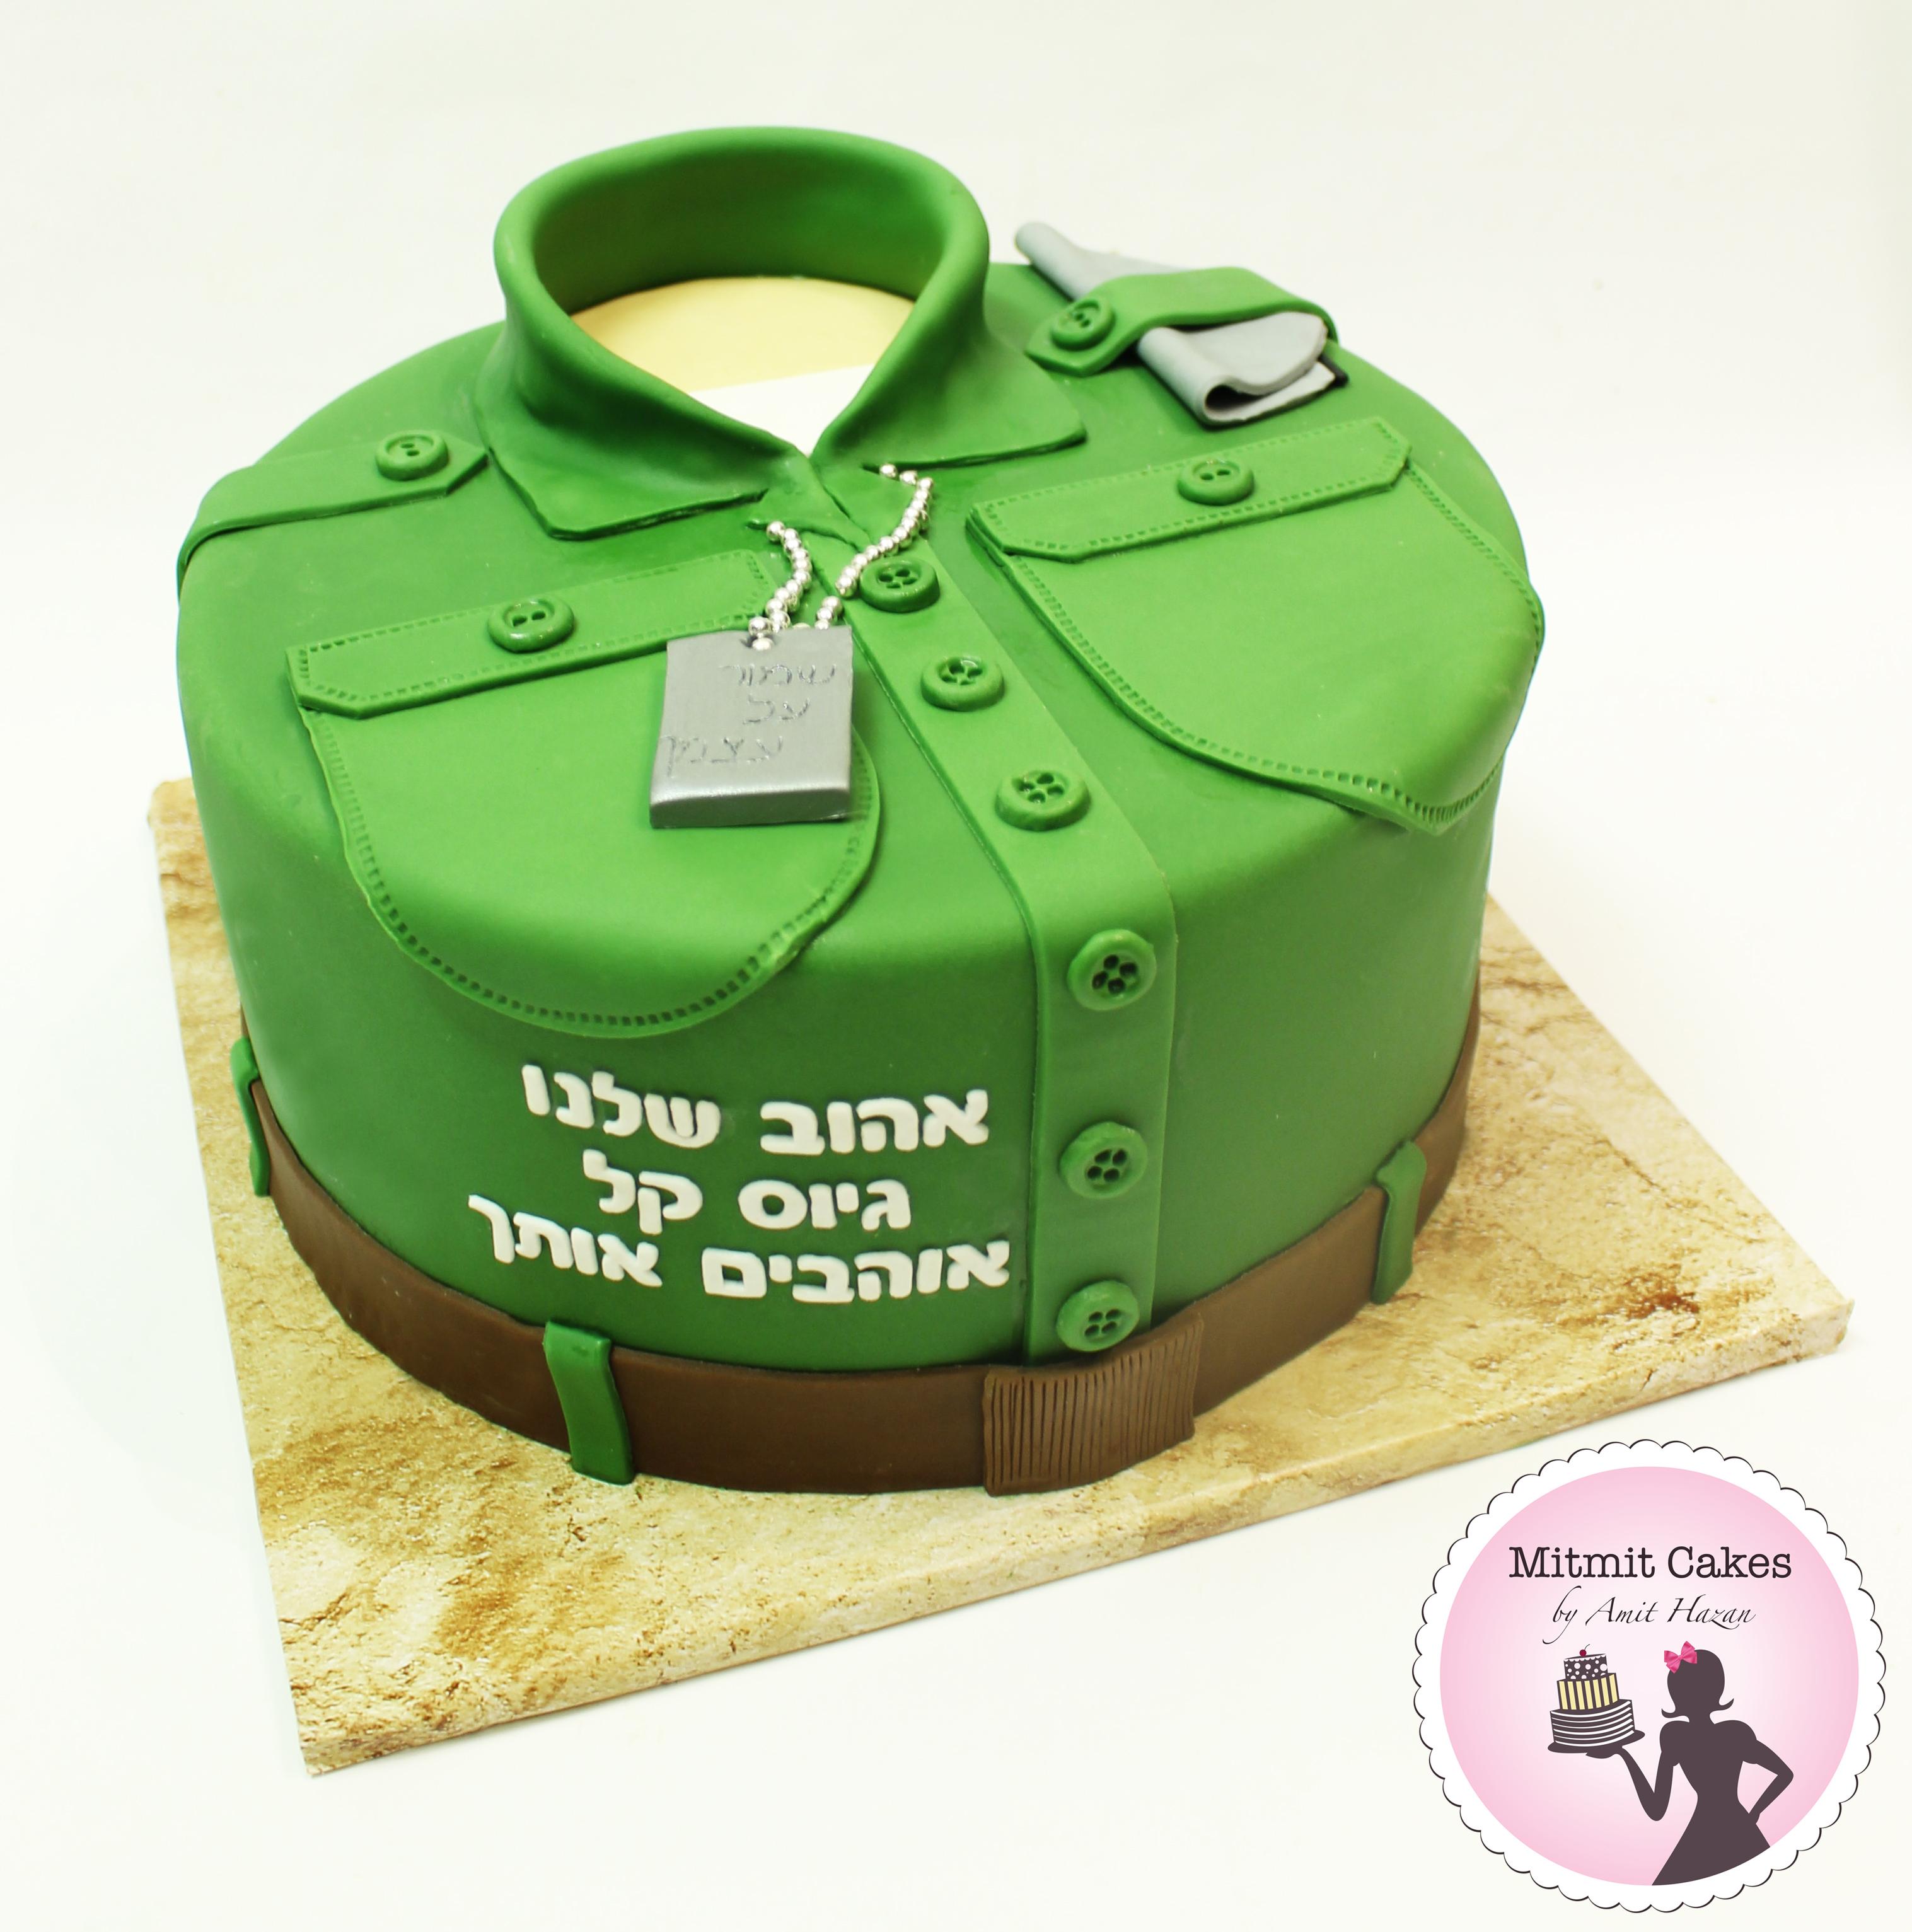 עוגת גיוס להנדסה קרבית